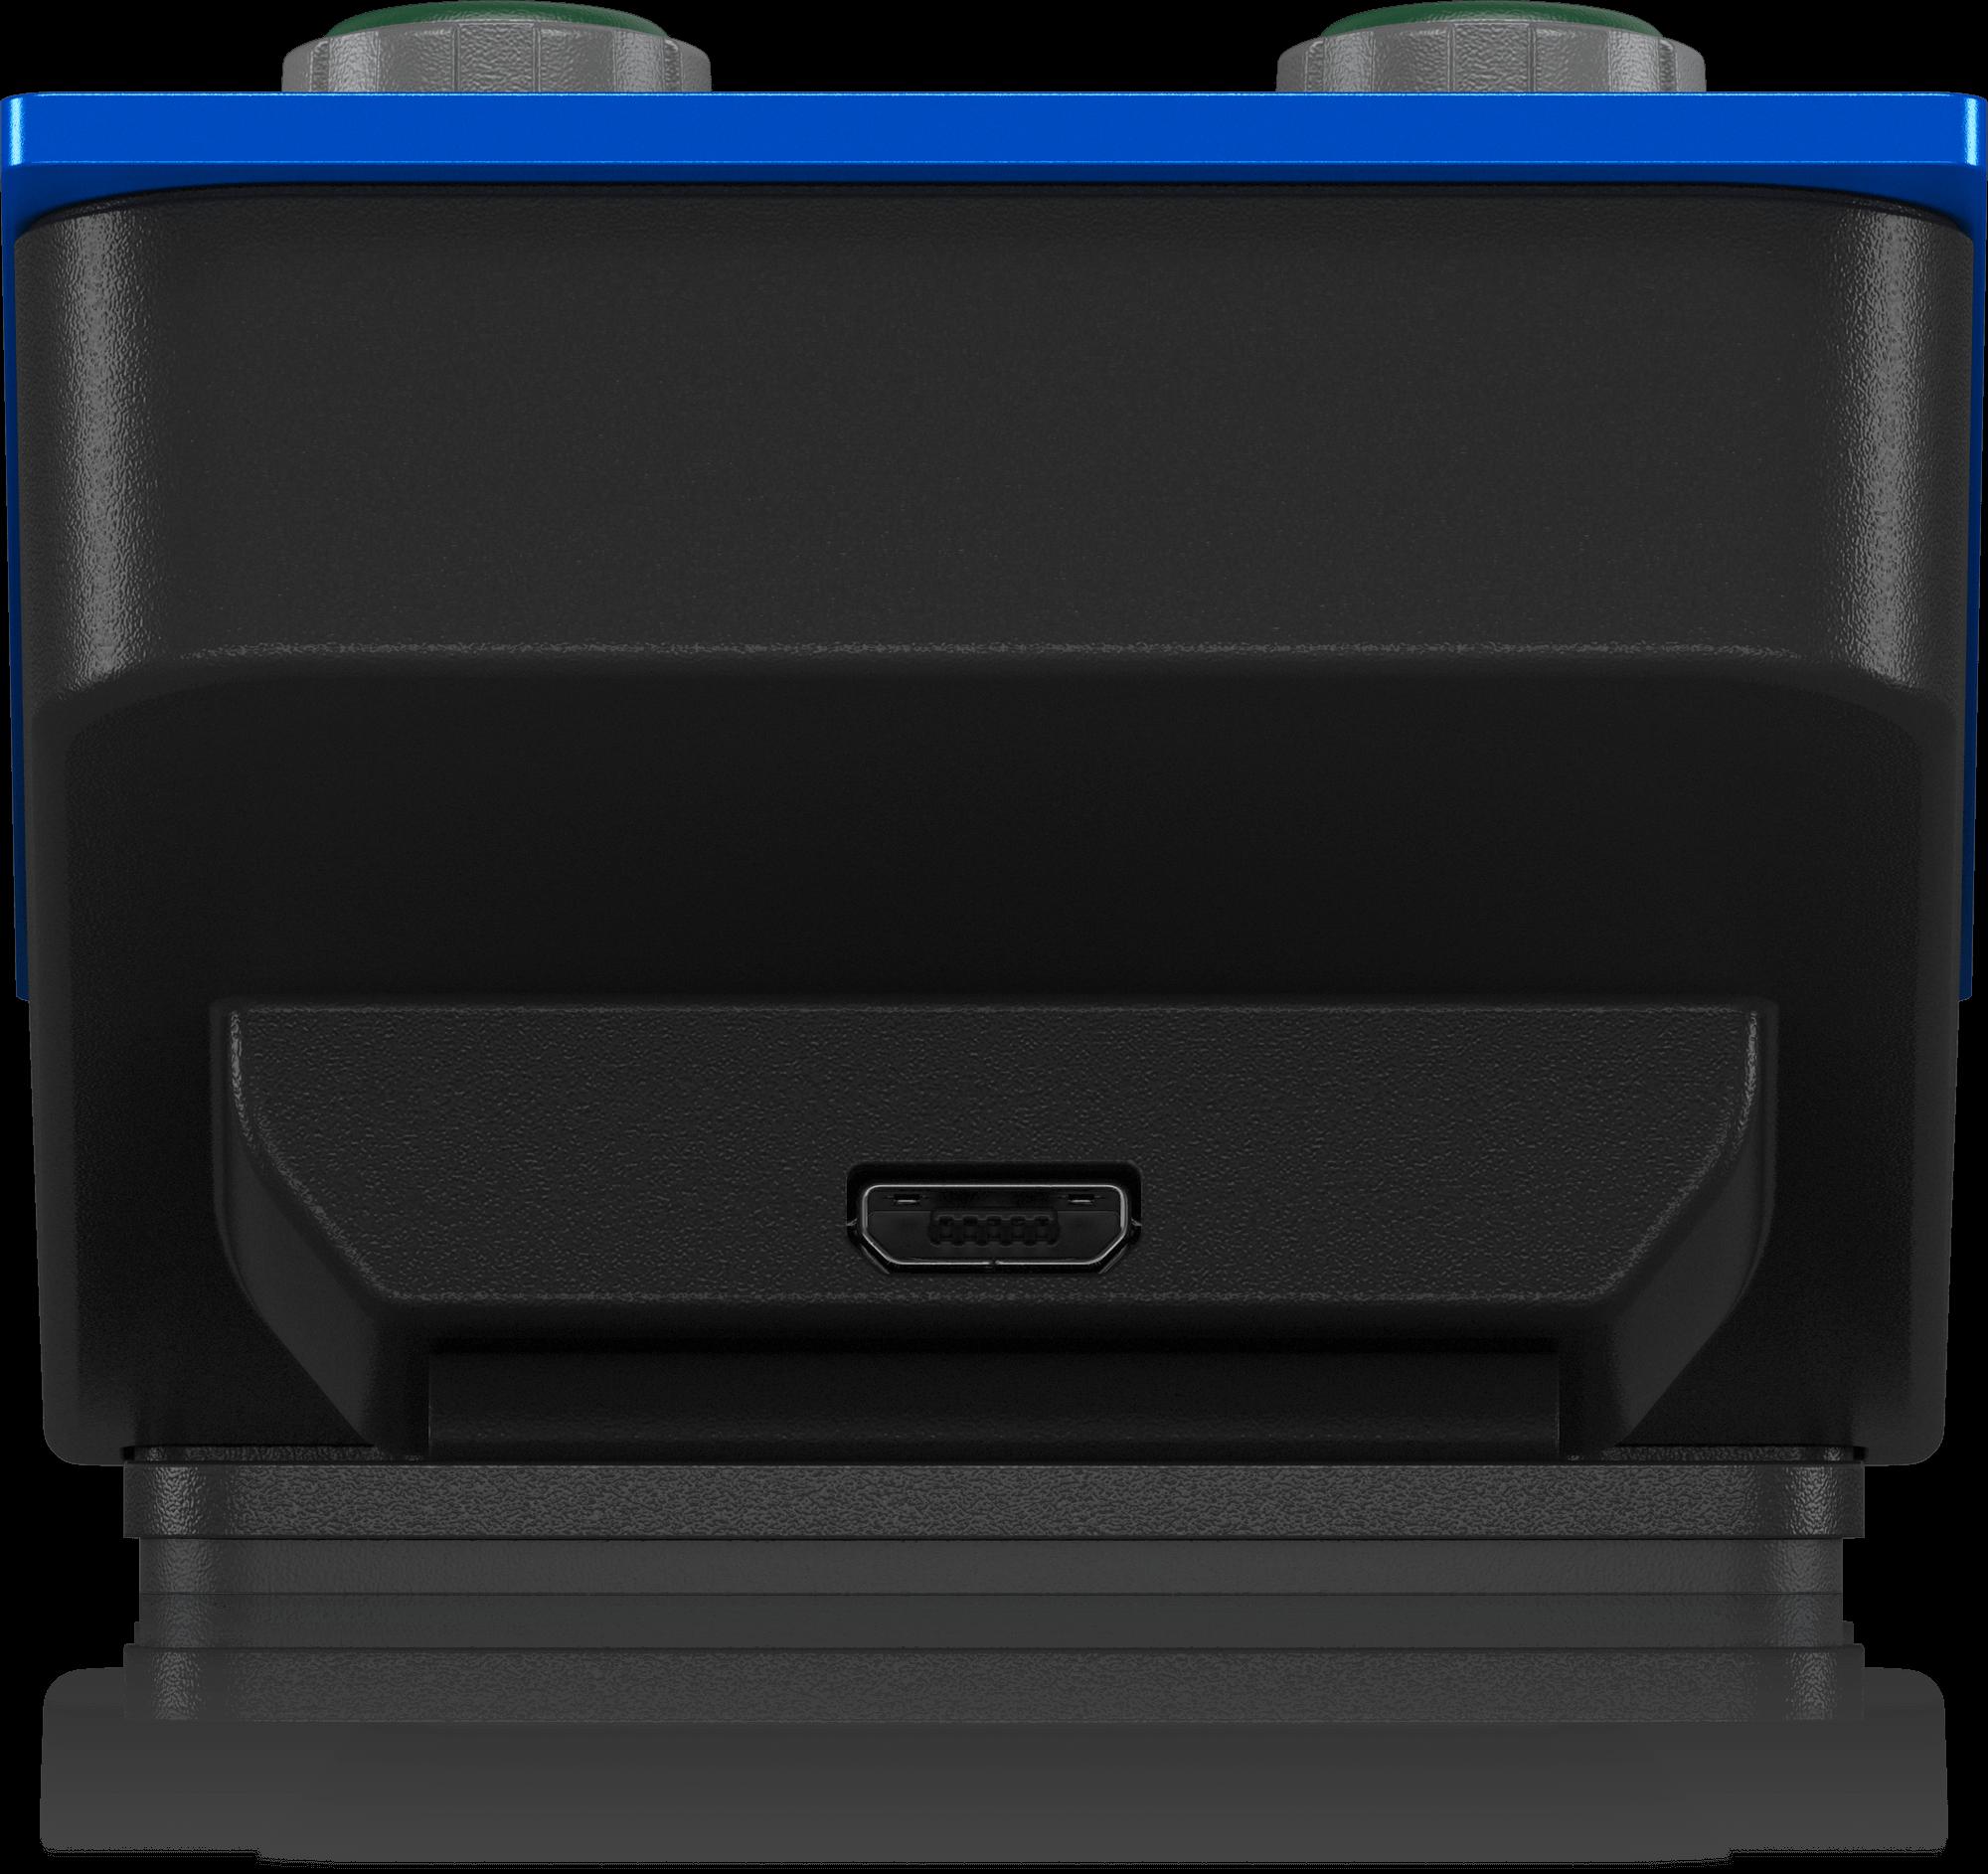 TC-Electronic DYN 3000-DT - Desktop Interface